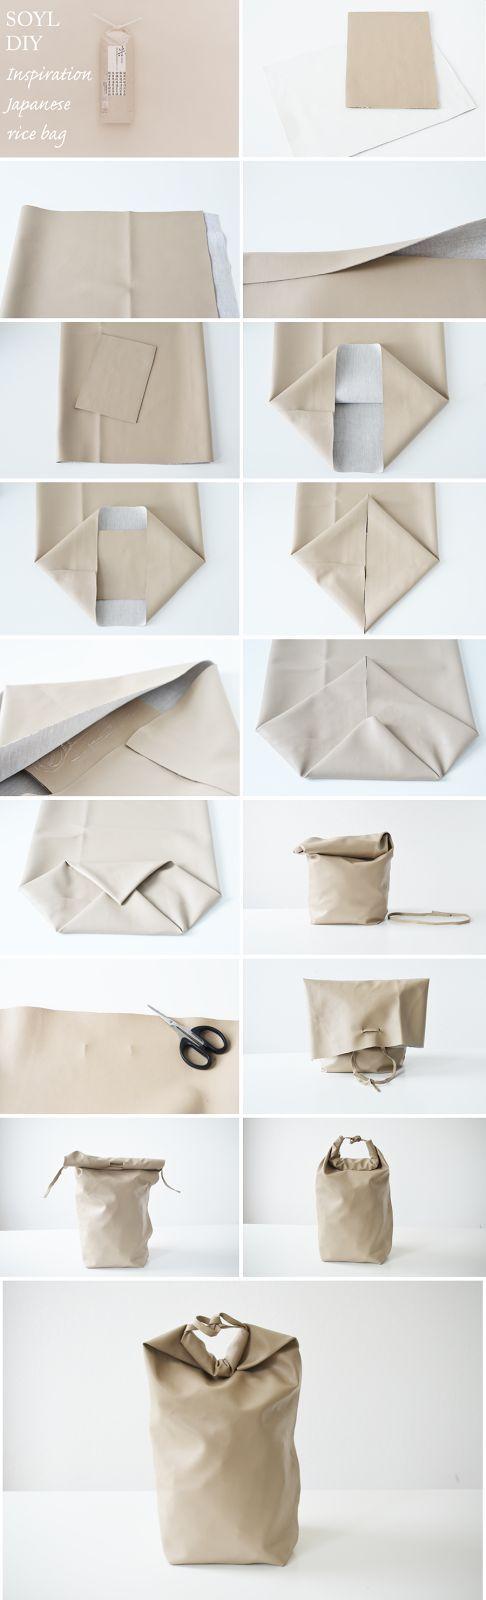 試著自己做 日本的米袋包裝 | MyDesy 淘靈感